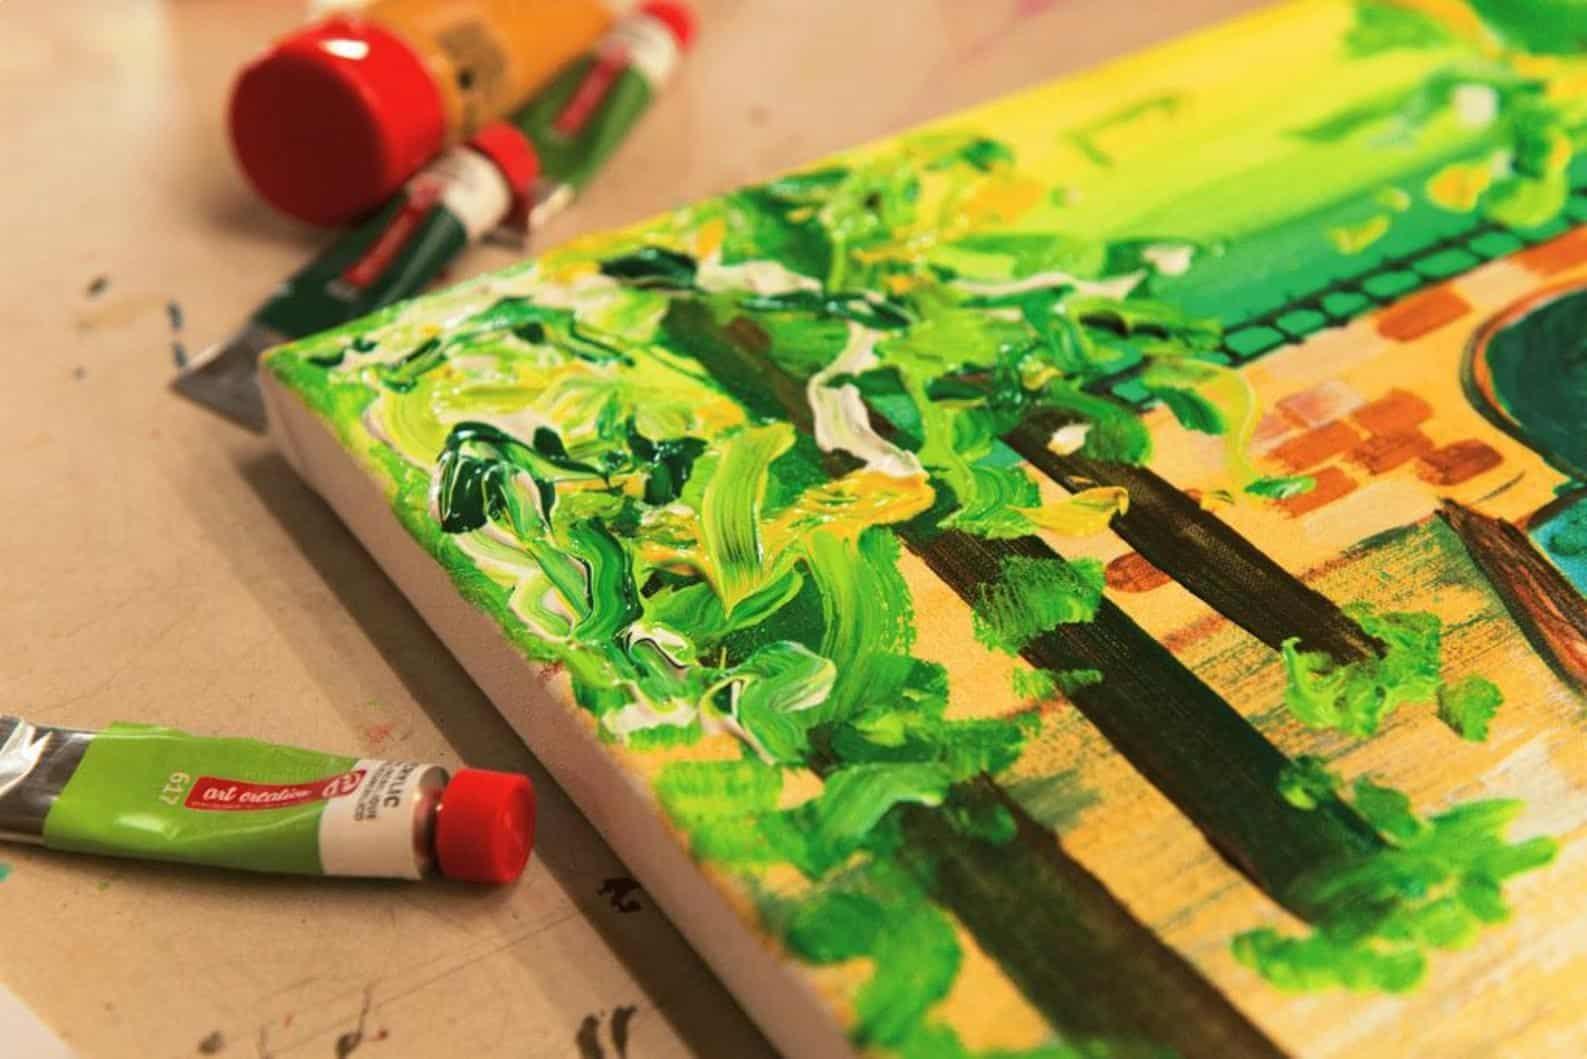 Как подобрать разбавитель для акриловых красок | Чем разбавить акриловую краску для рисования